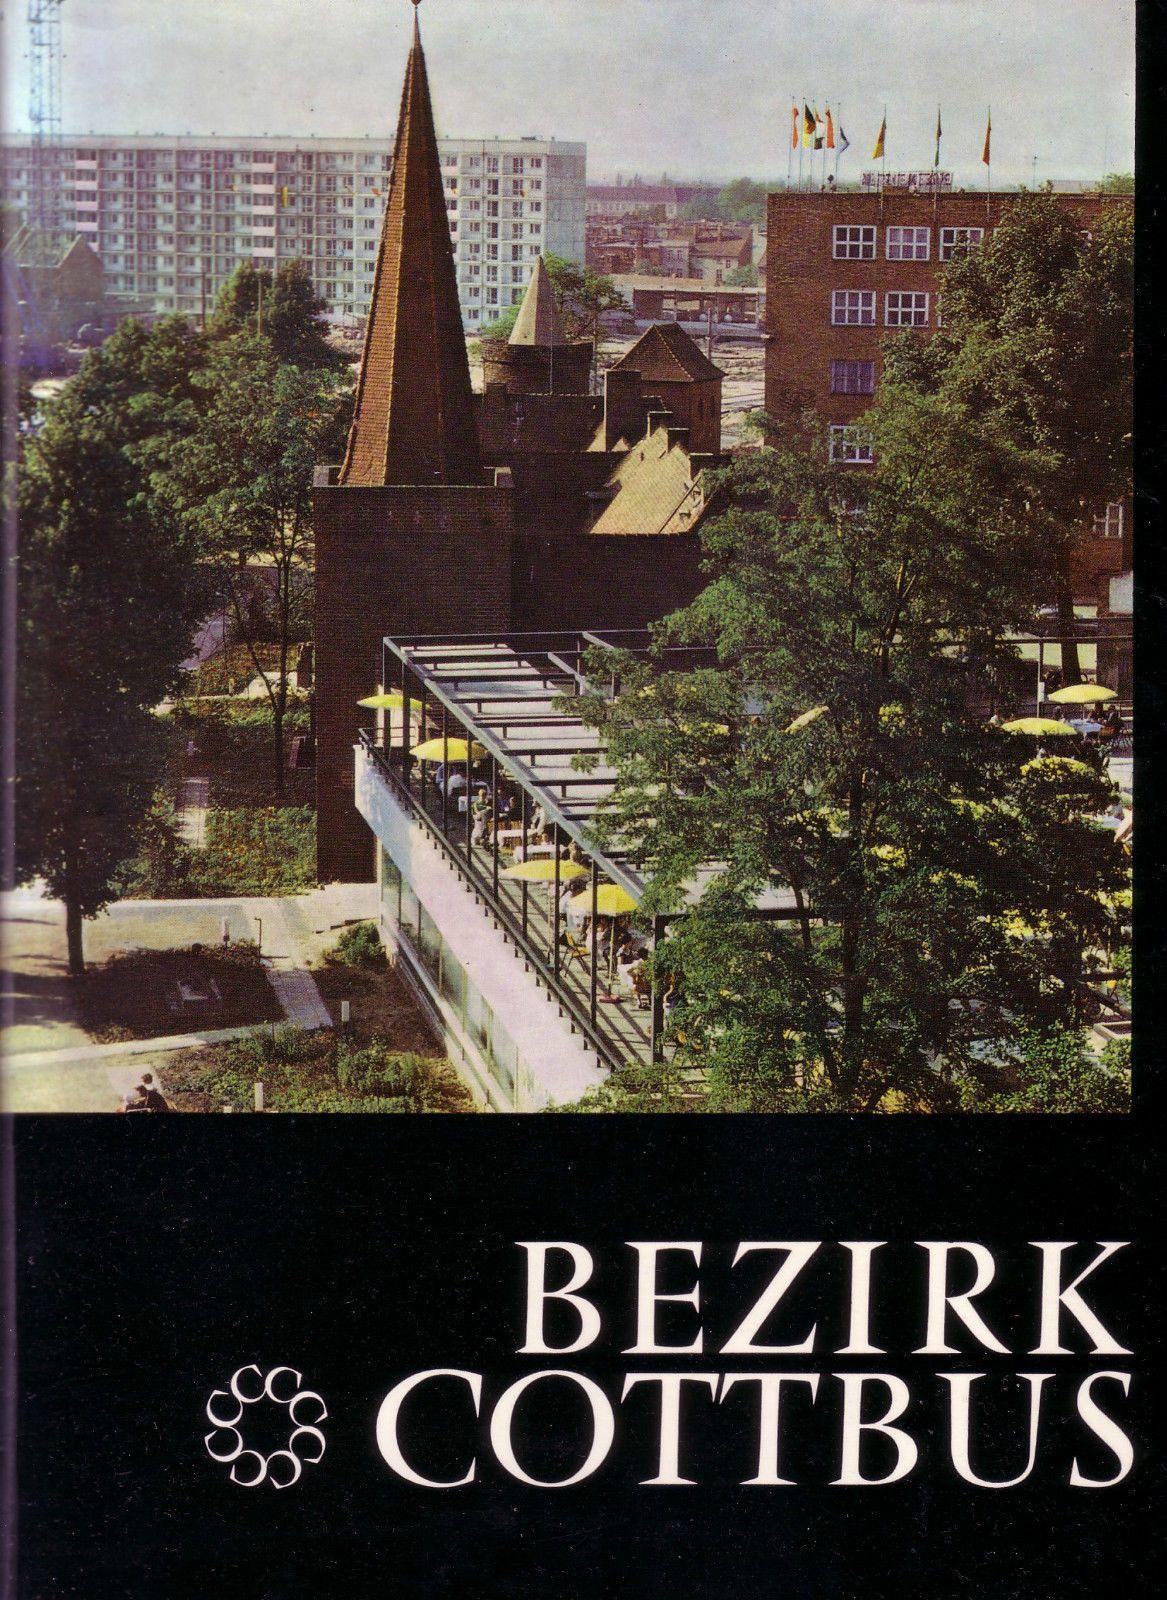 DDR Bildband Bezirk Cottbus 1970 eBay (mit Bildern